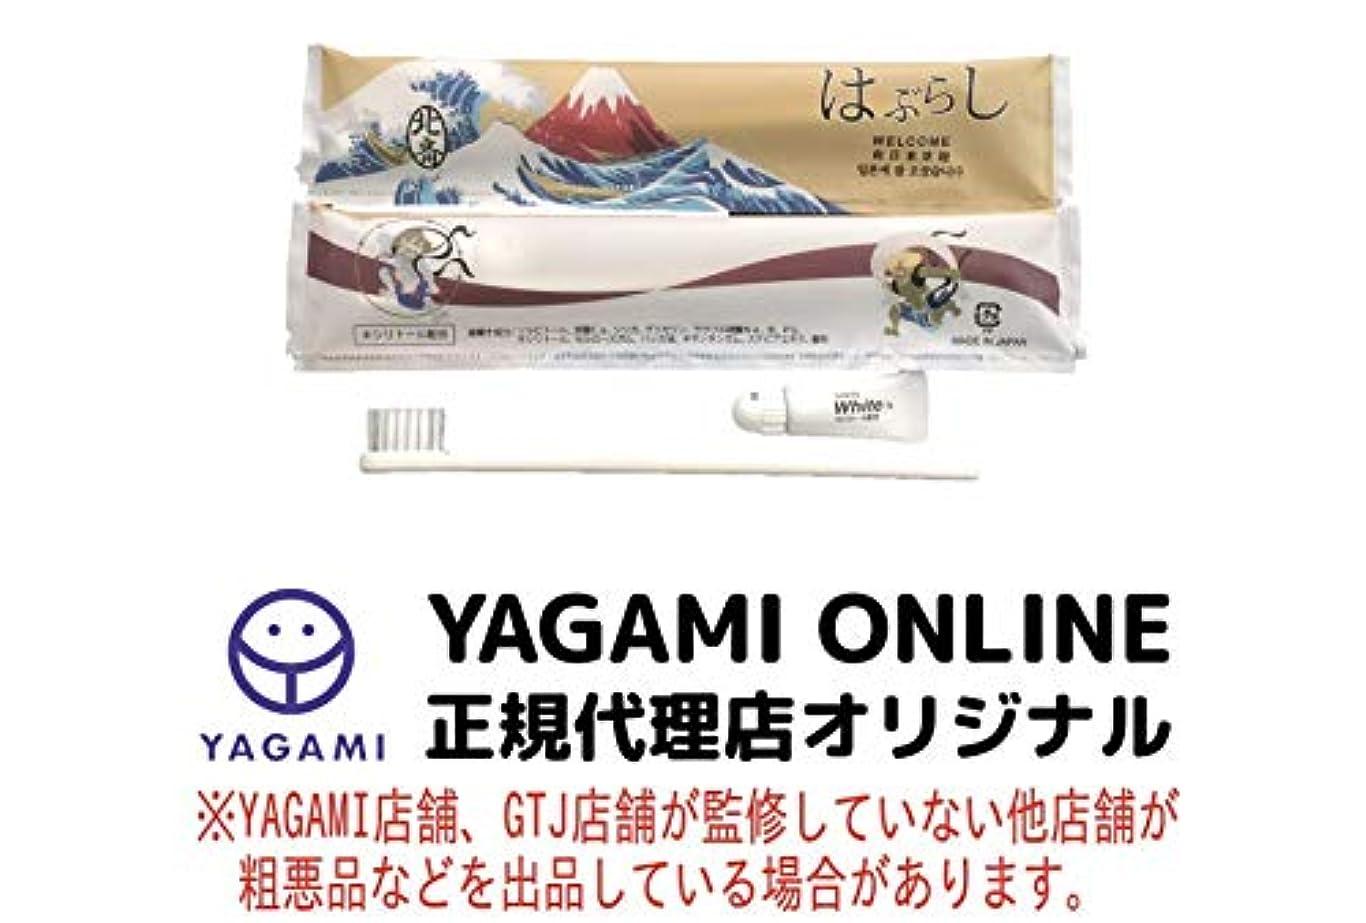 使い捨てハブラシ JS-5M 100本 日本製 JAPANSERIES アメニティ 日本シリーズ 葛飾北斎 100本セット